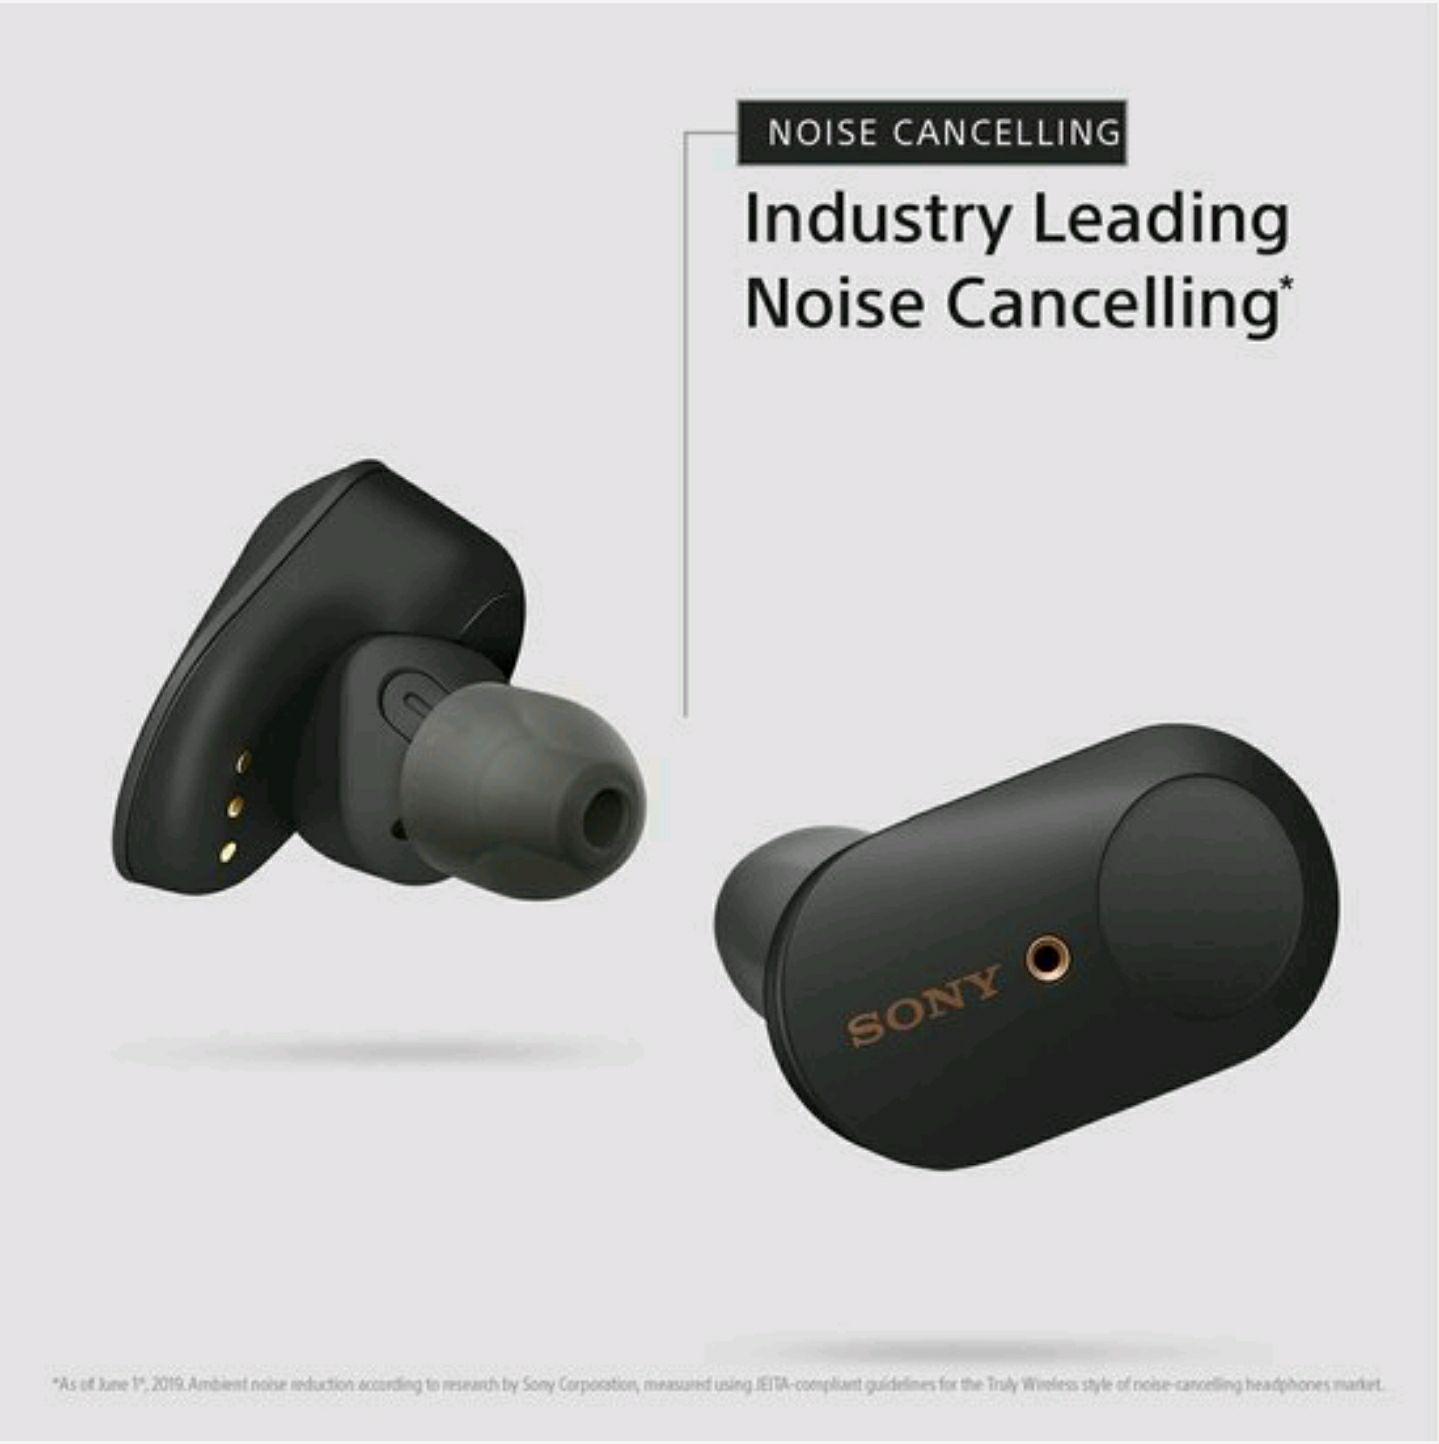 Sony WF1000XM3 noice canceling headphones